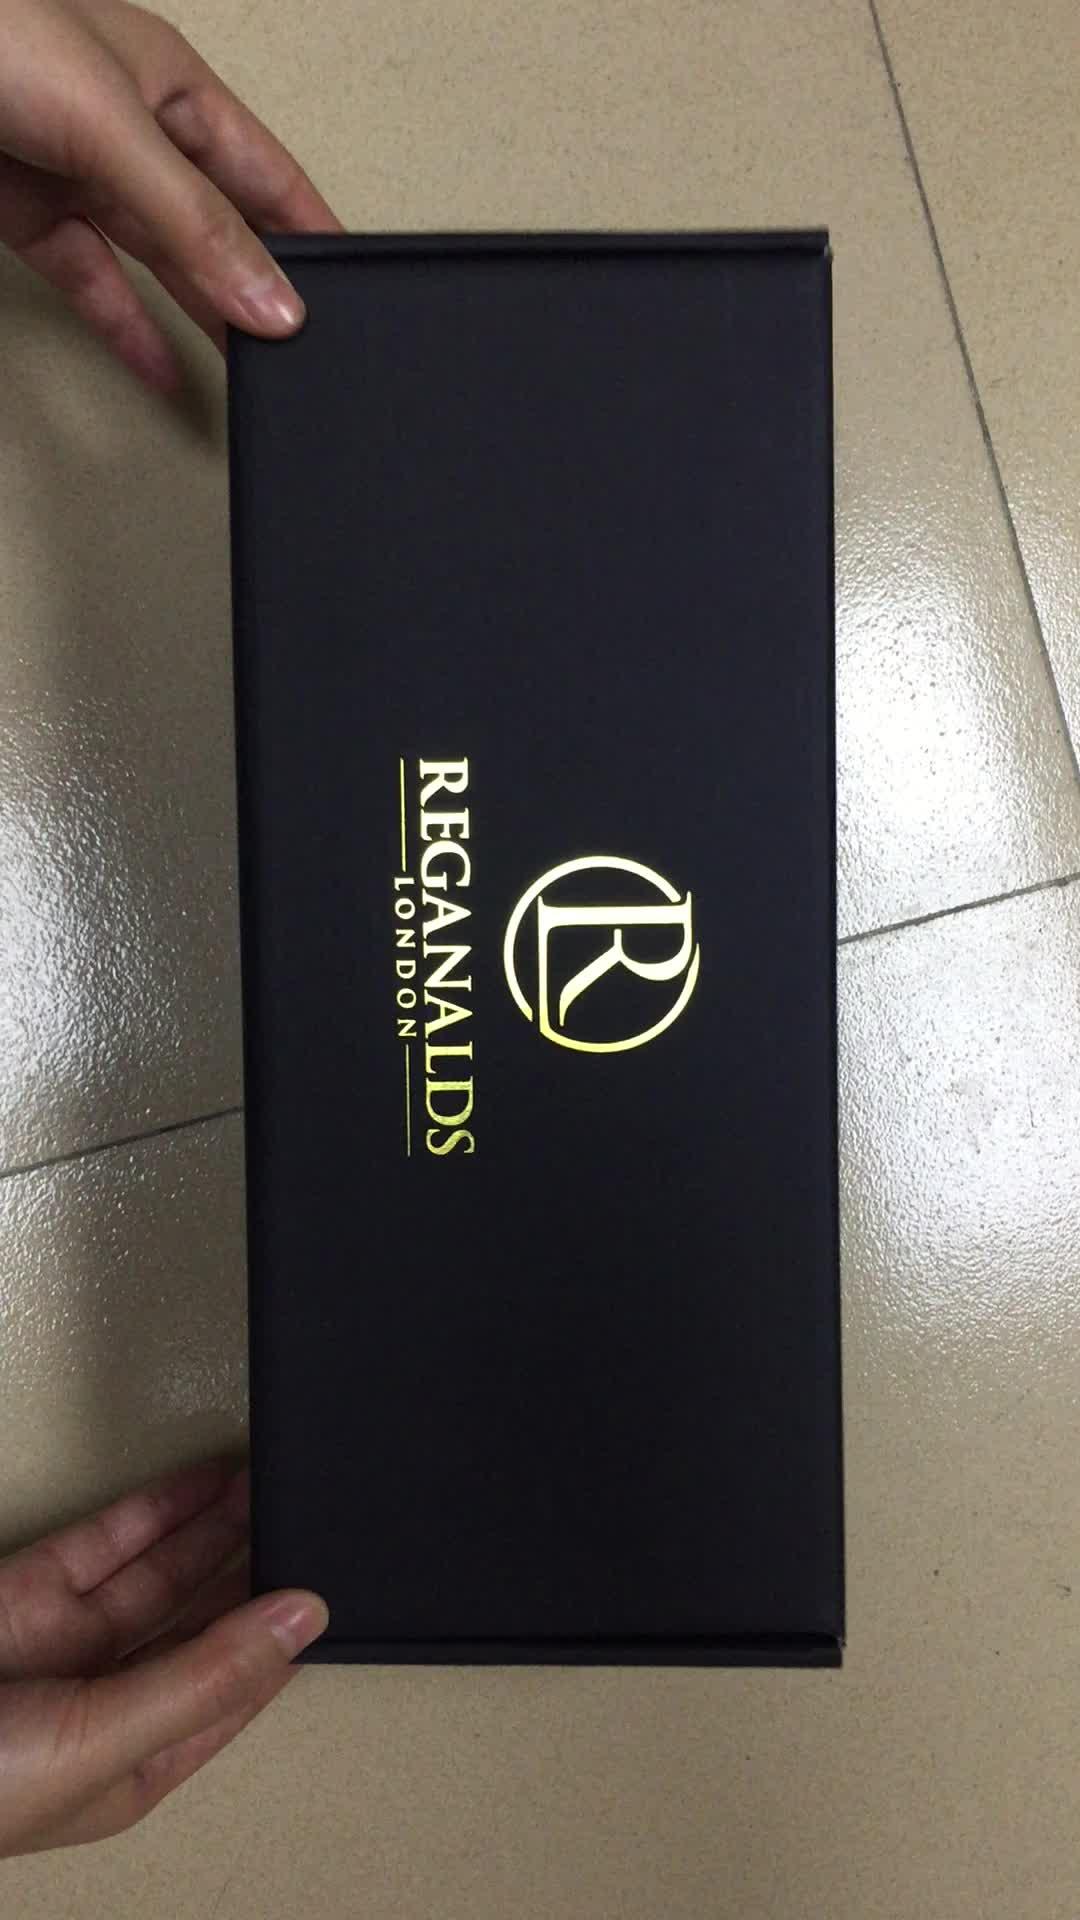 Пользовательские Роскошные Картонные черные коробки из гофрированного картона для упаковки одежды